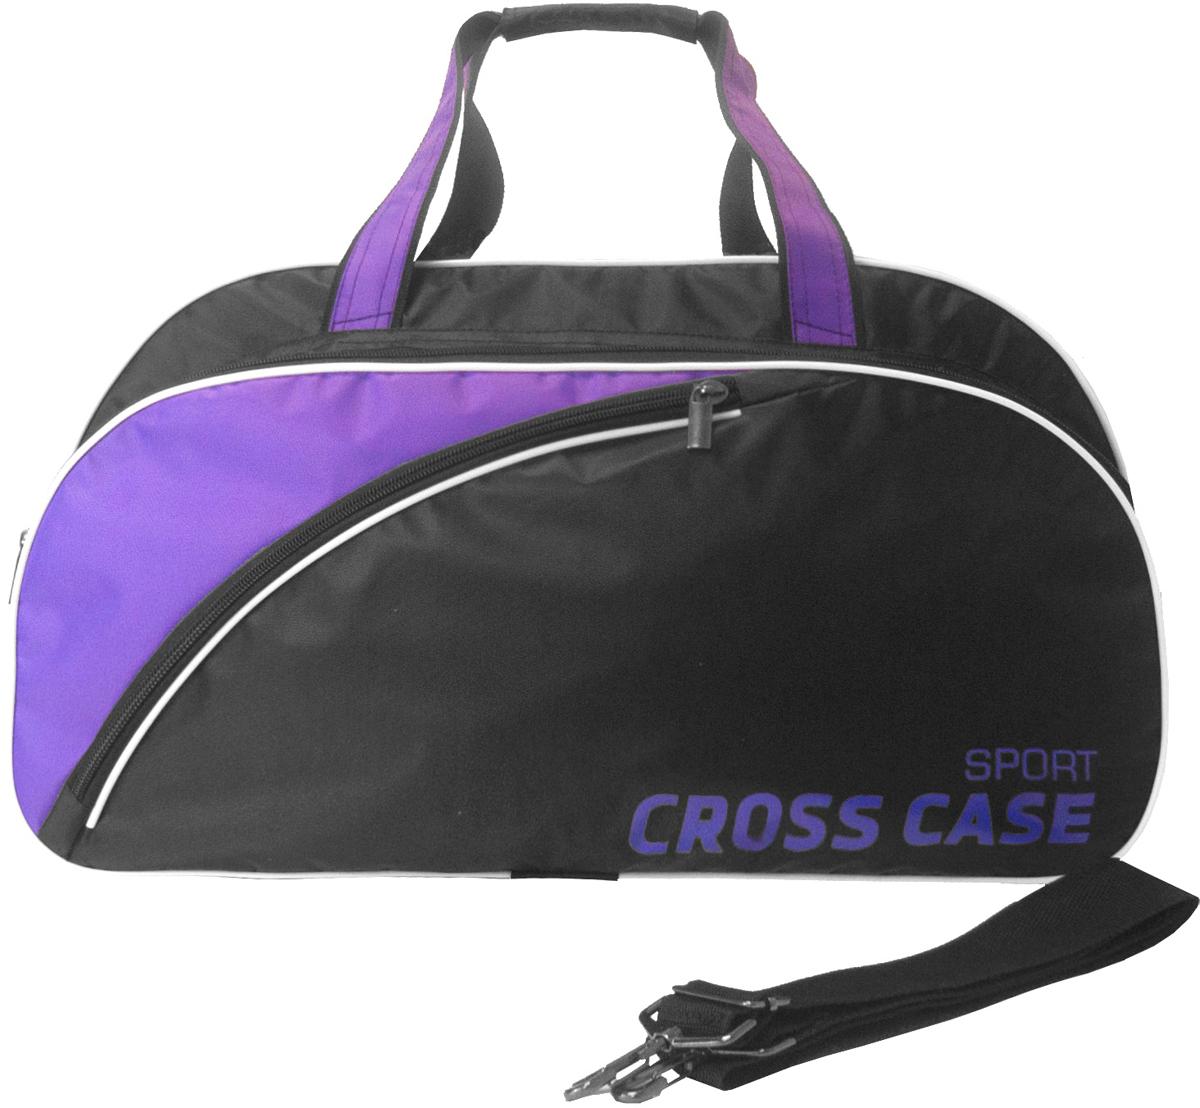 Сумка мужская Cross Case, цвет: черный, фиолетовый. CCS-1039-02 аксессуар сумка 17 3 cross case cc17 014 claret